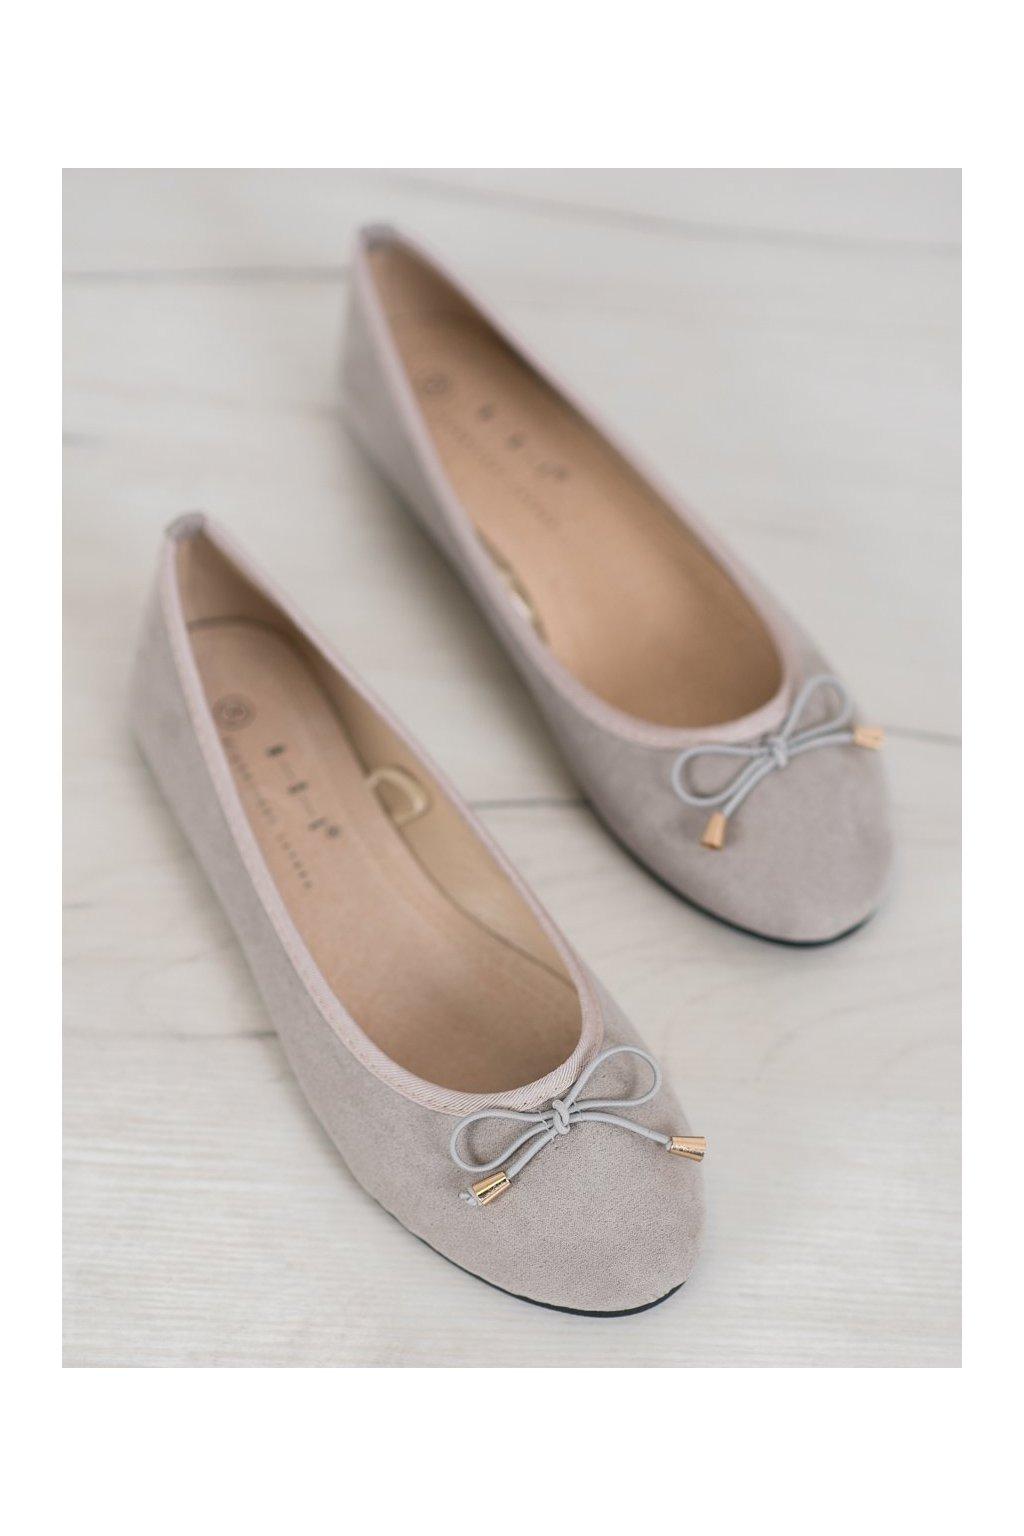 Sivé dámske balerínky Shelovet kod BLB20-1G